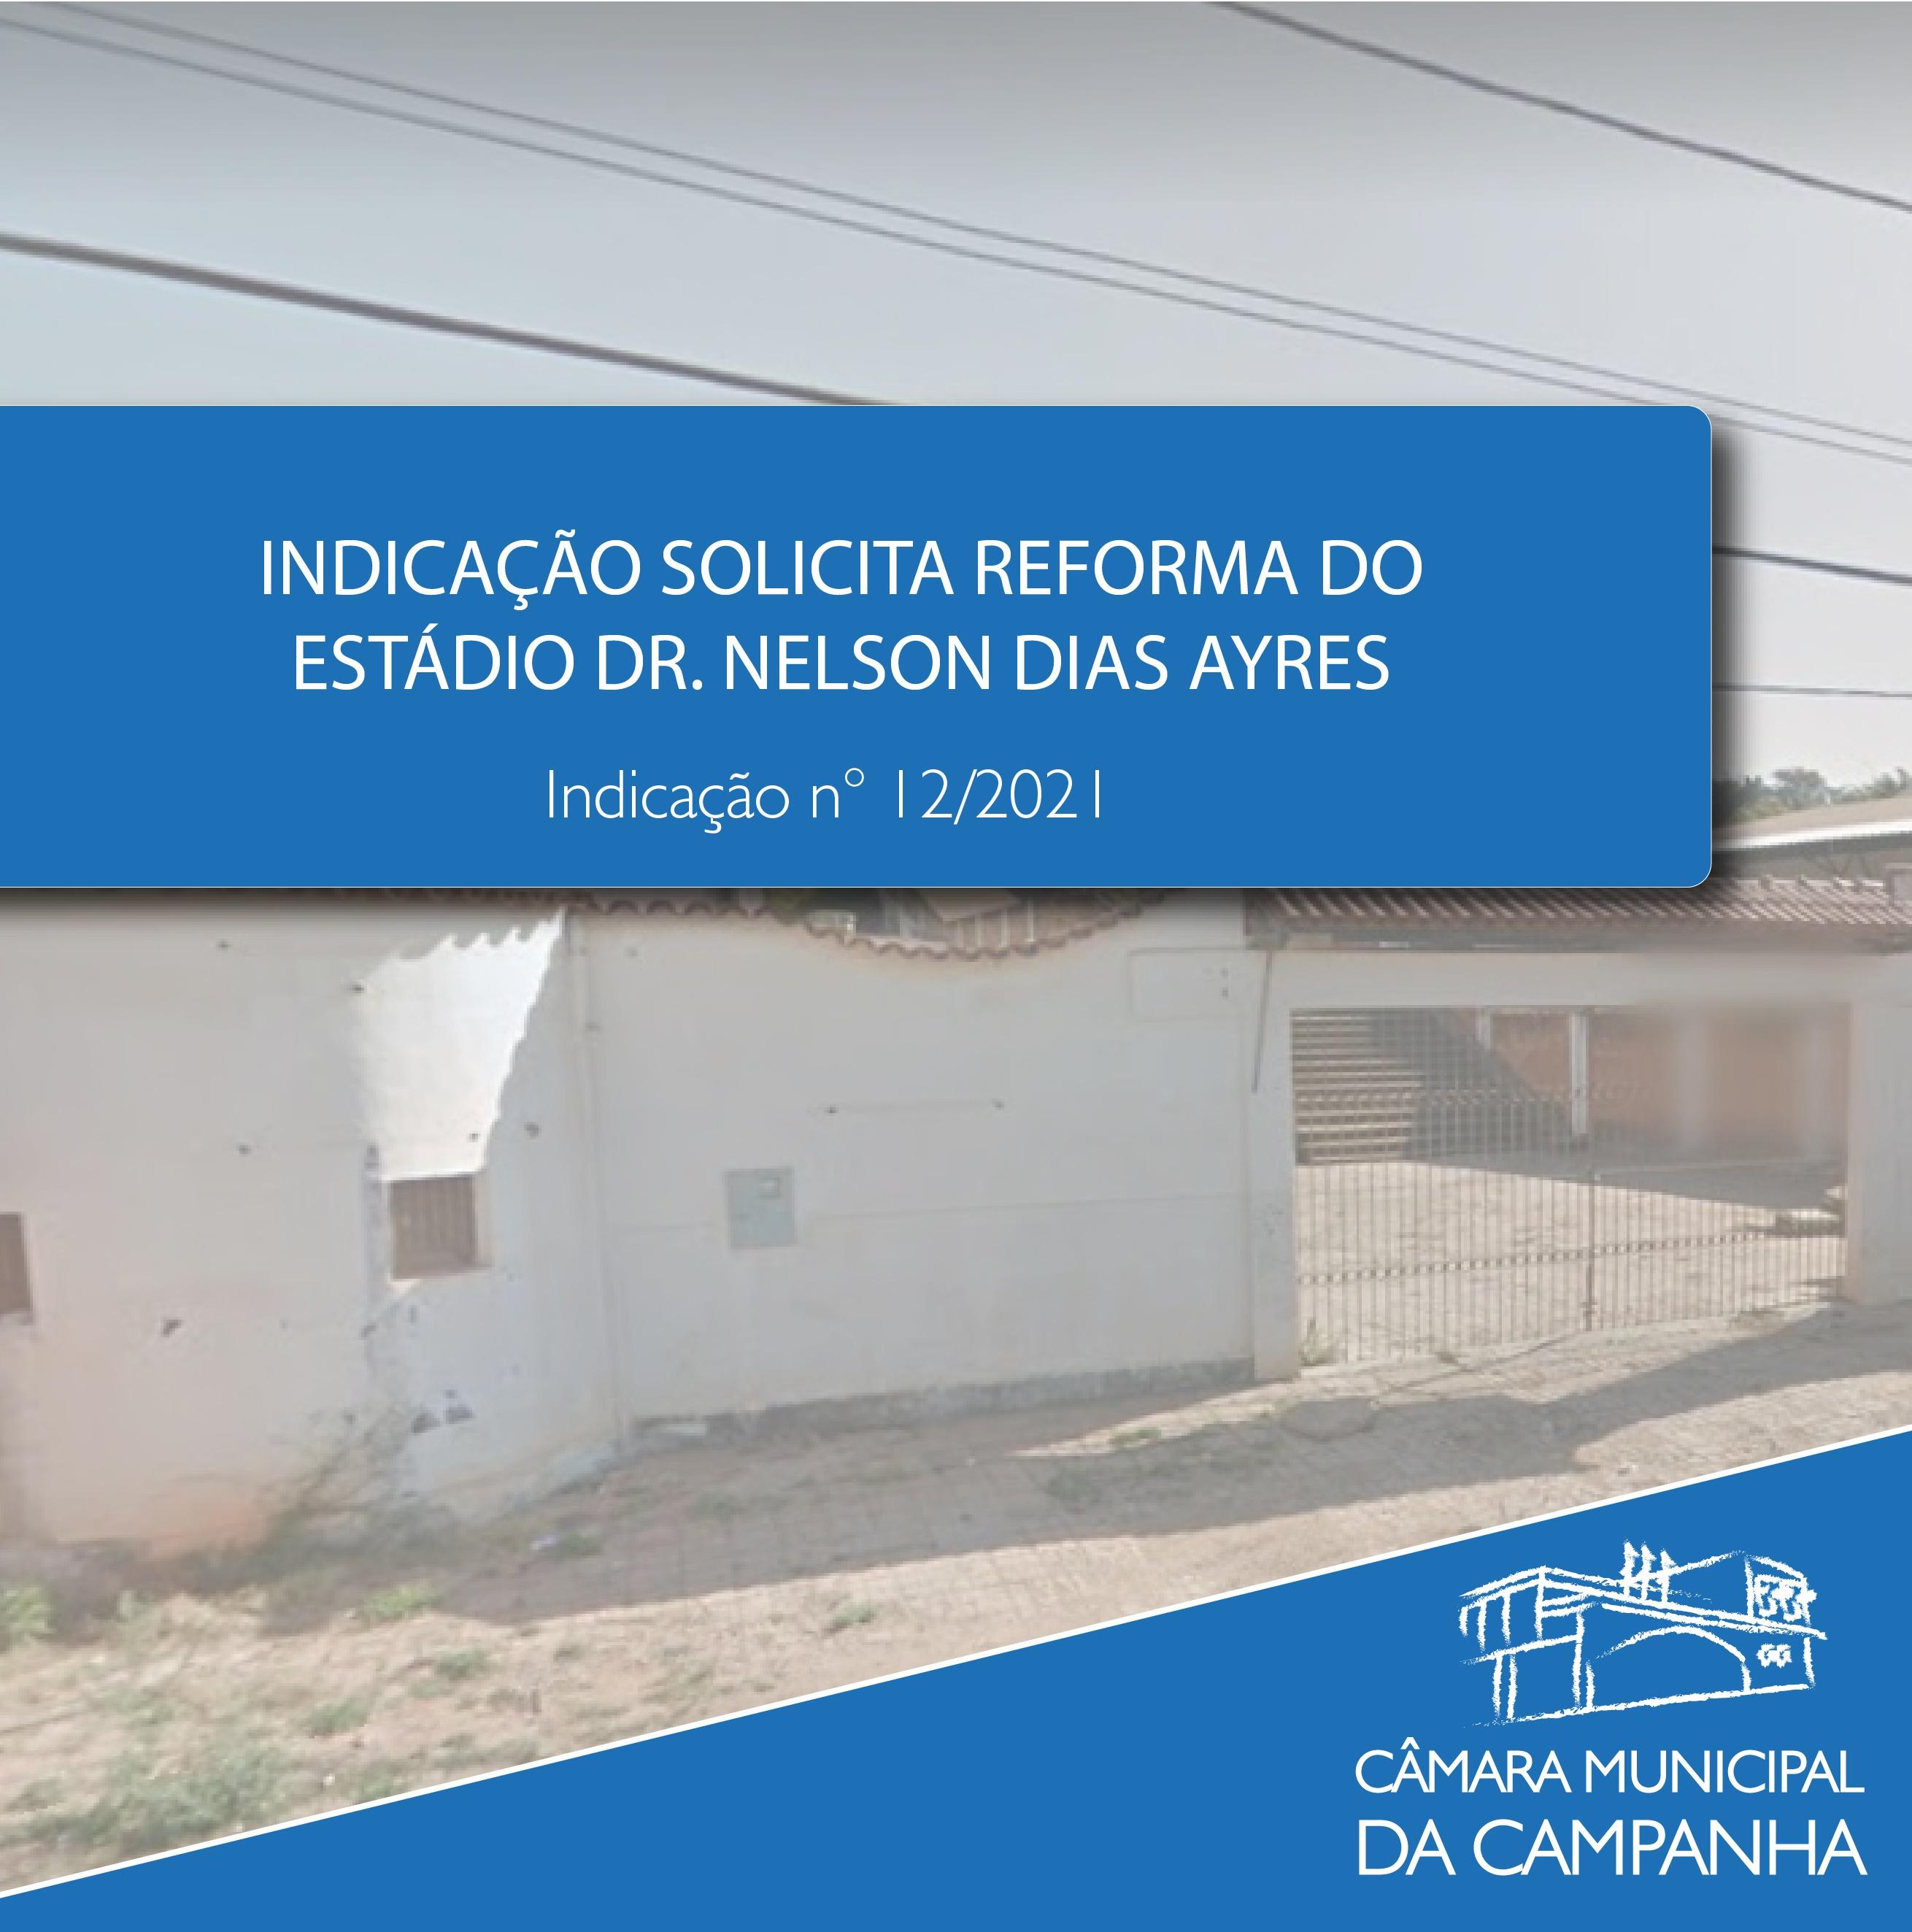 Indicação solicita à Prefeitura a reforma do Estádio Municipal Dr. Nelson Dias Ayres